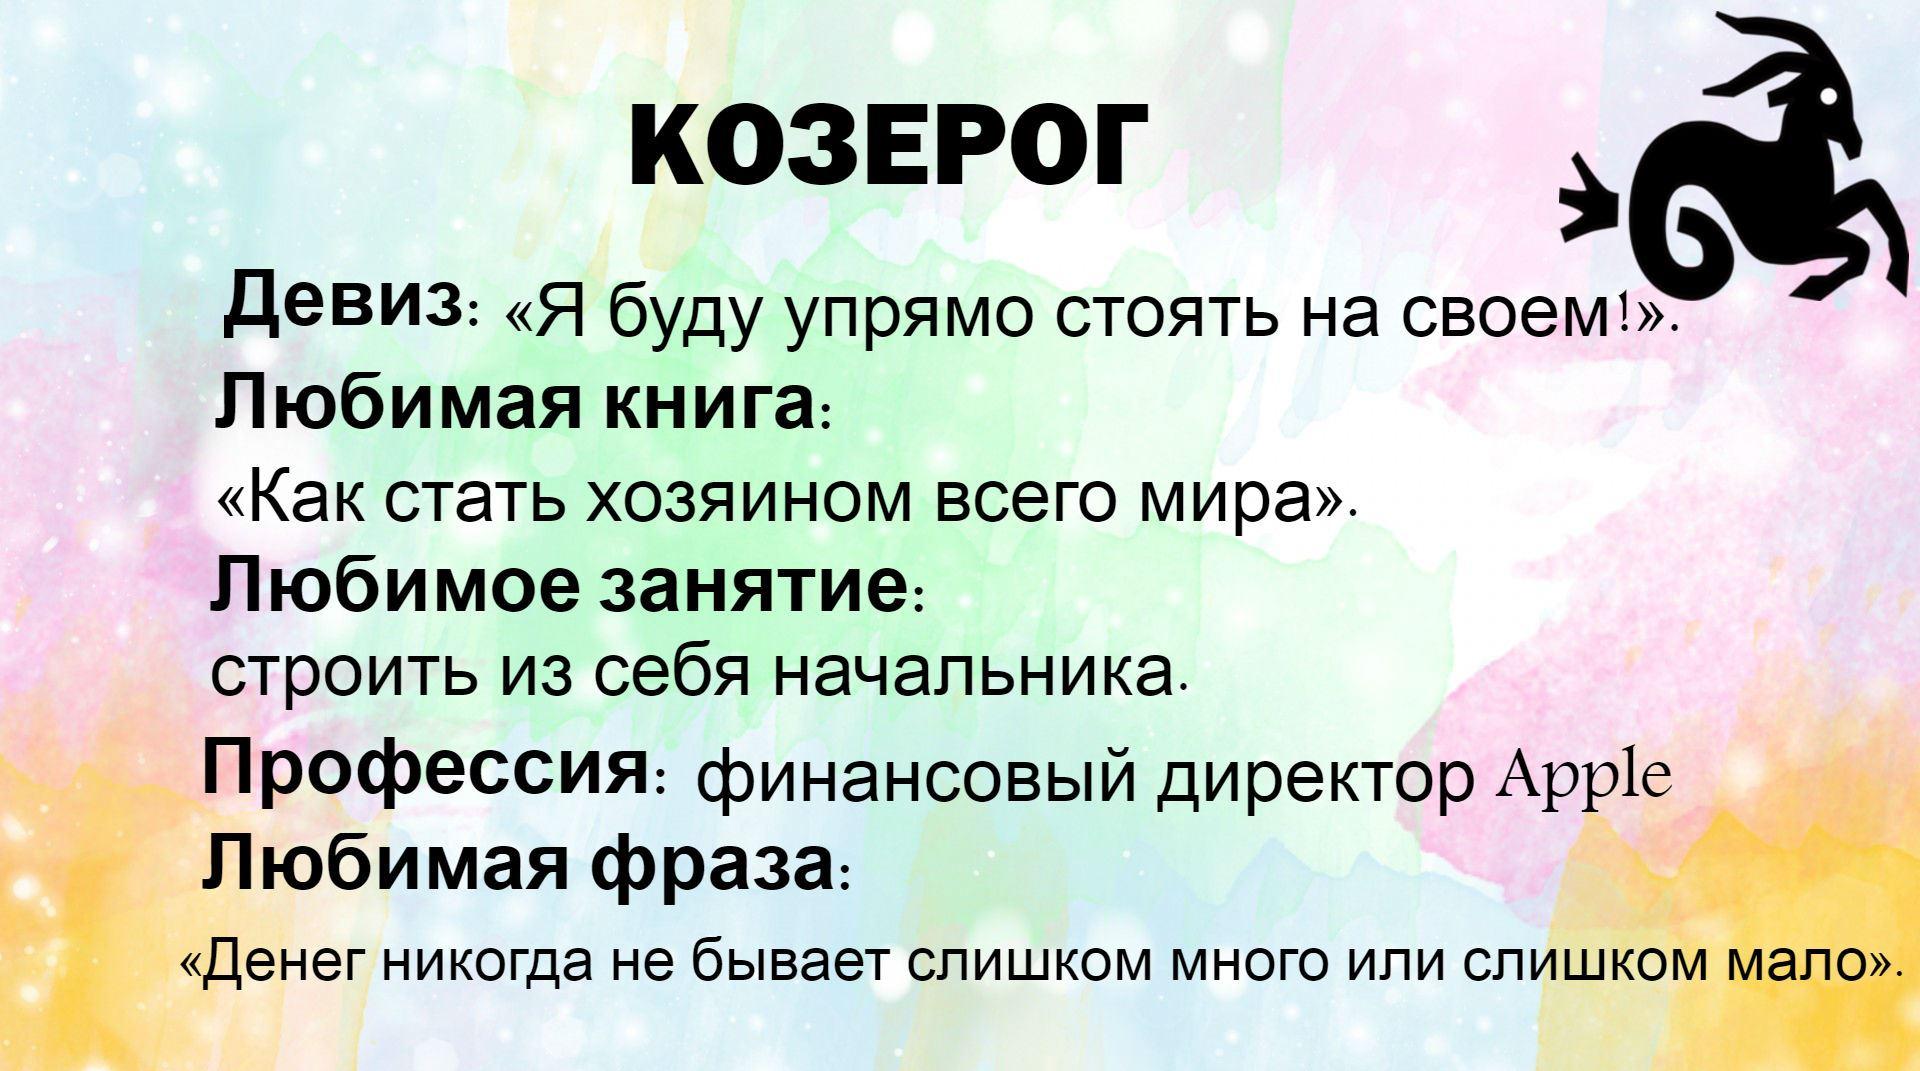 Козерог факты 03 01.1995